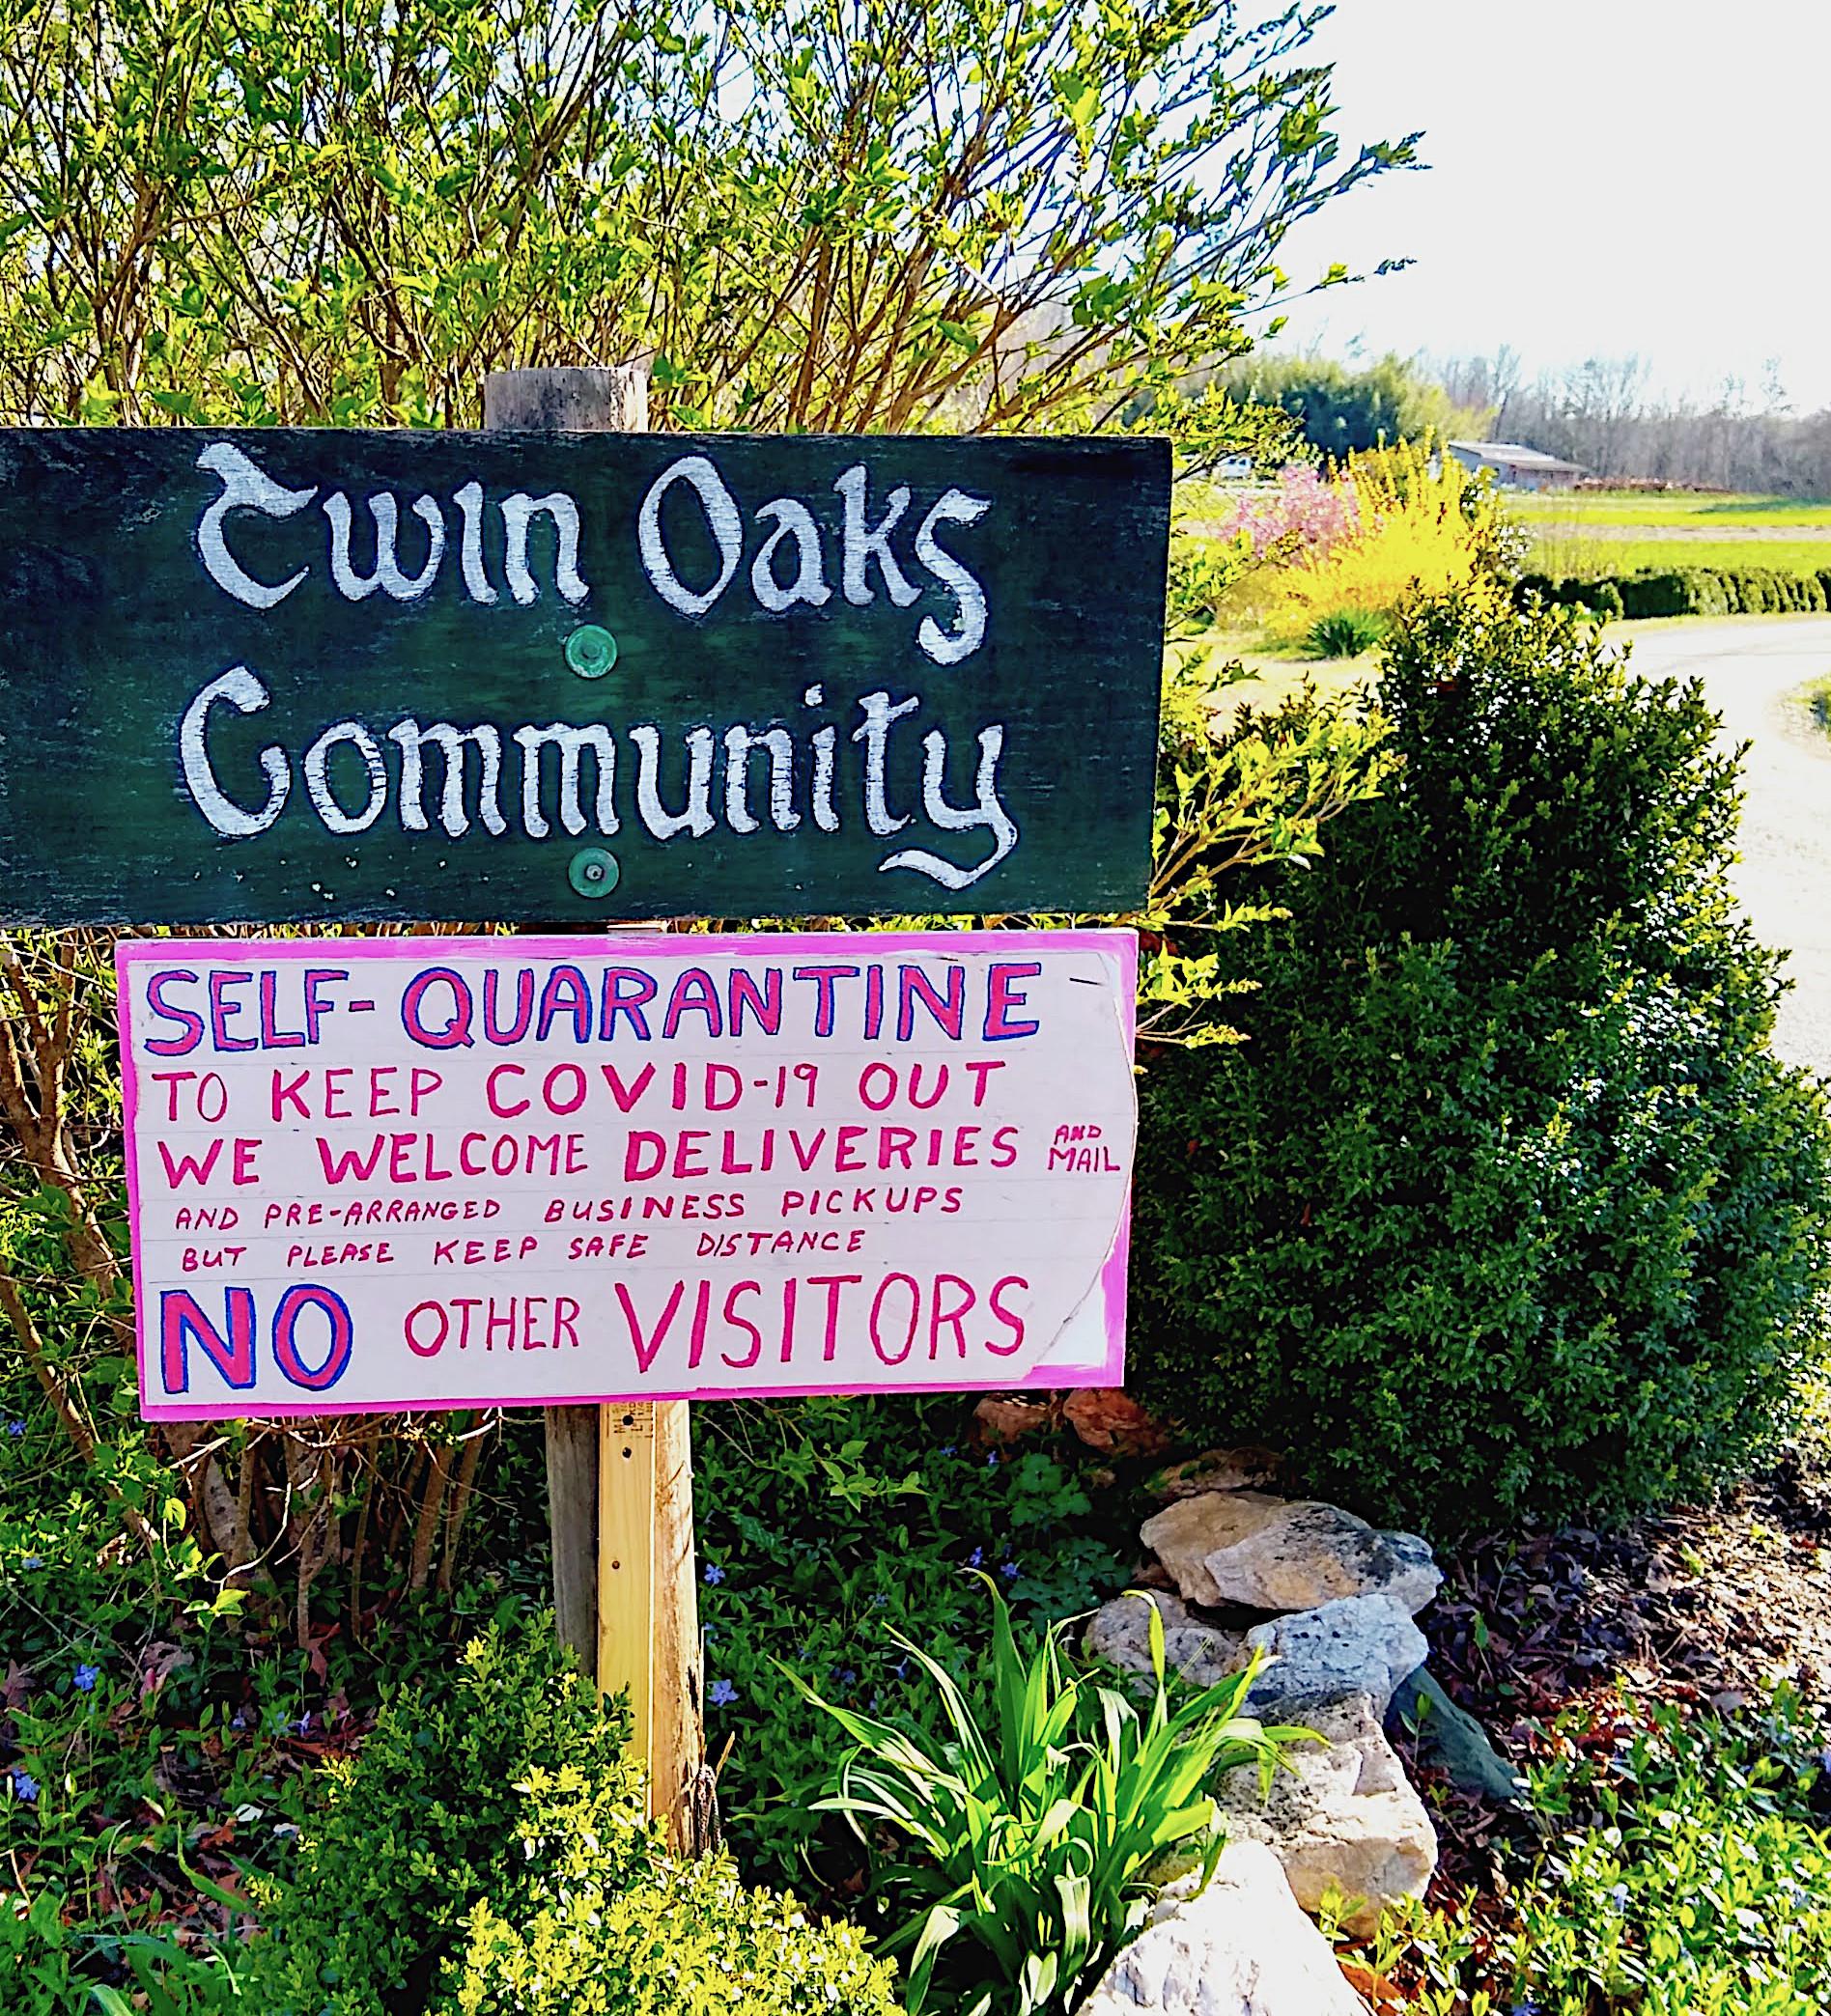 Twin Oaks quarantine